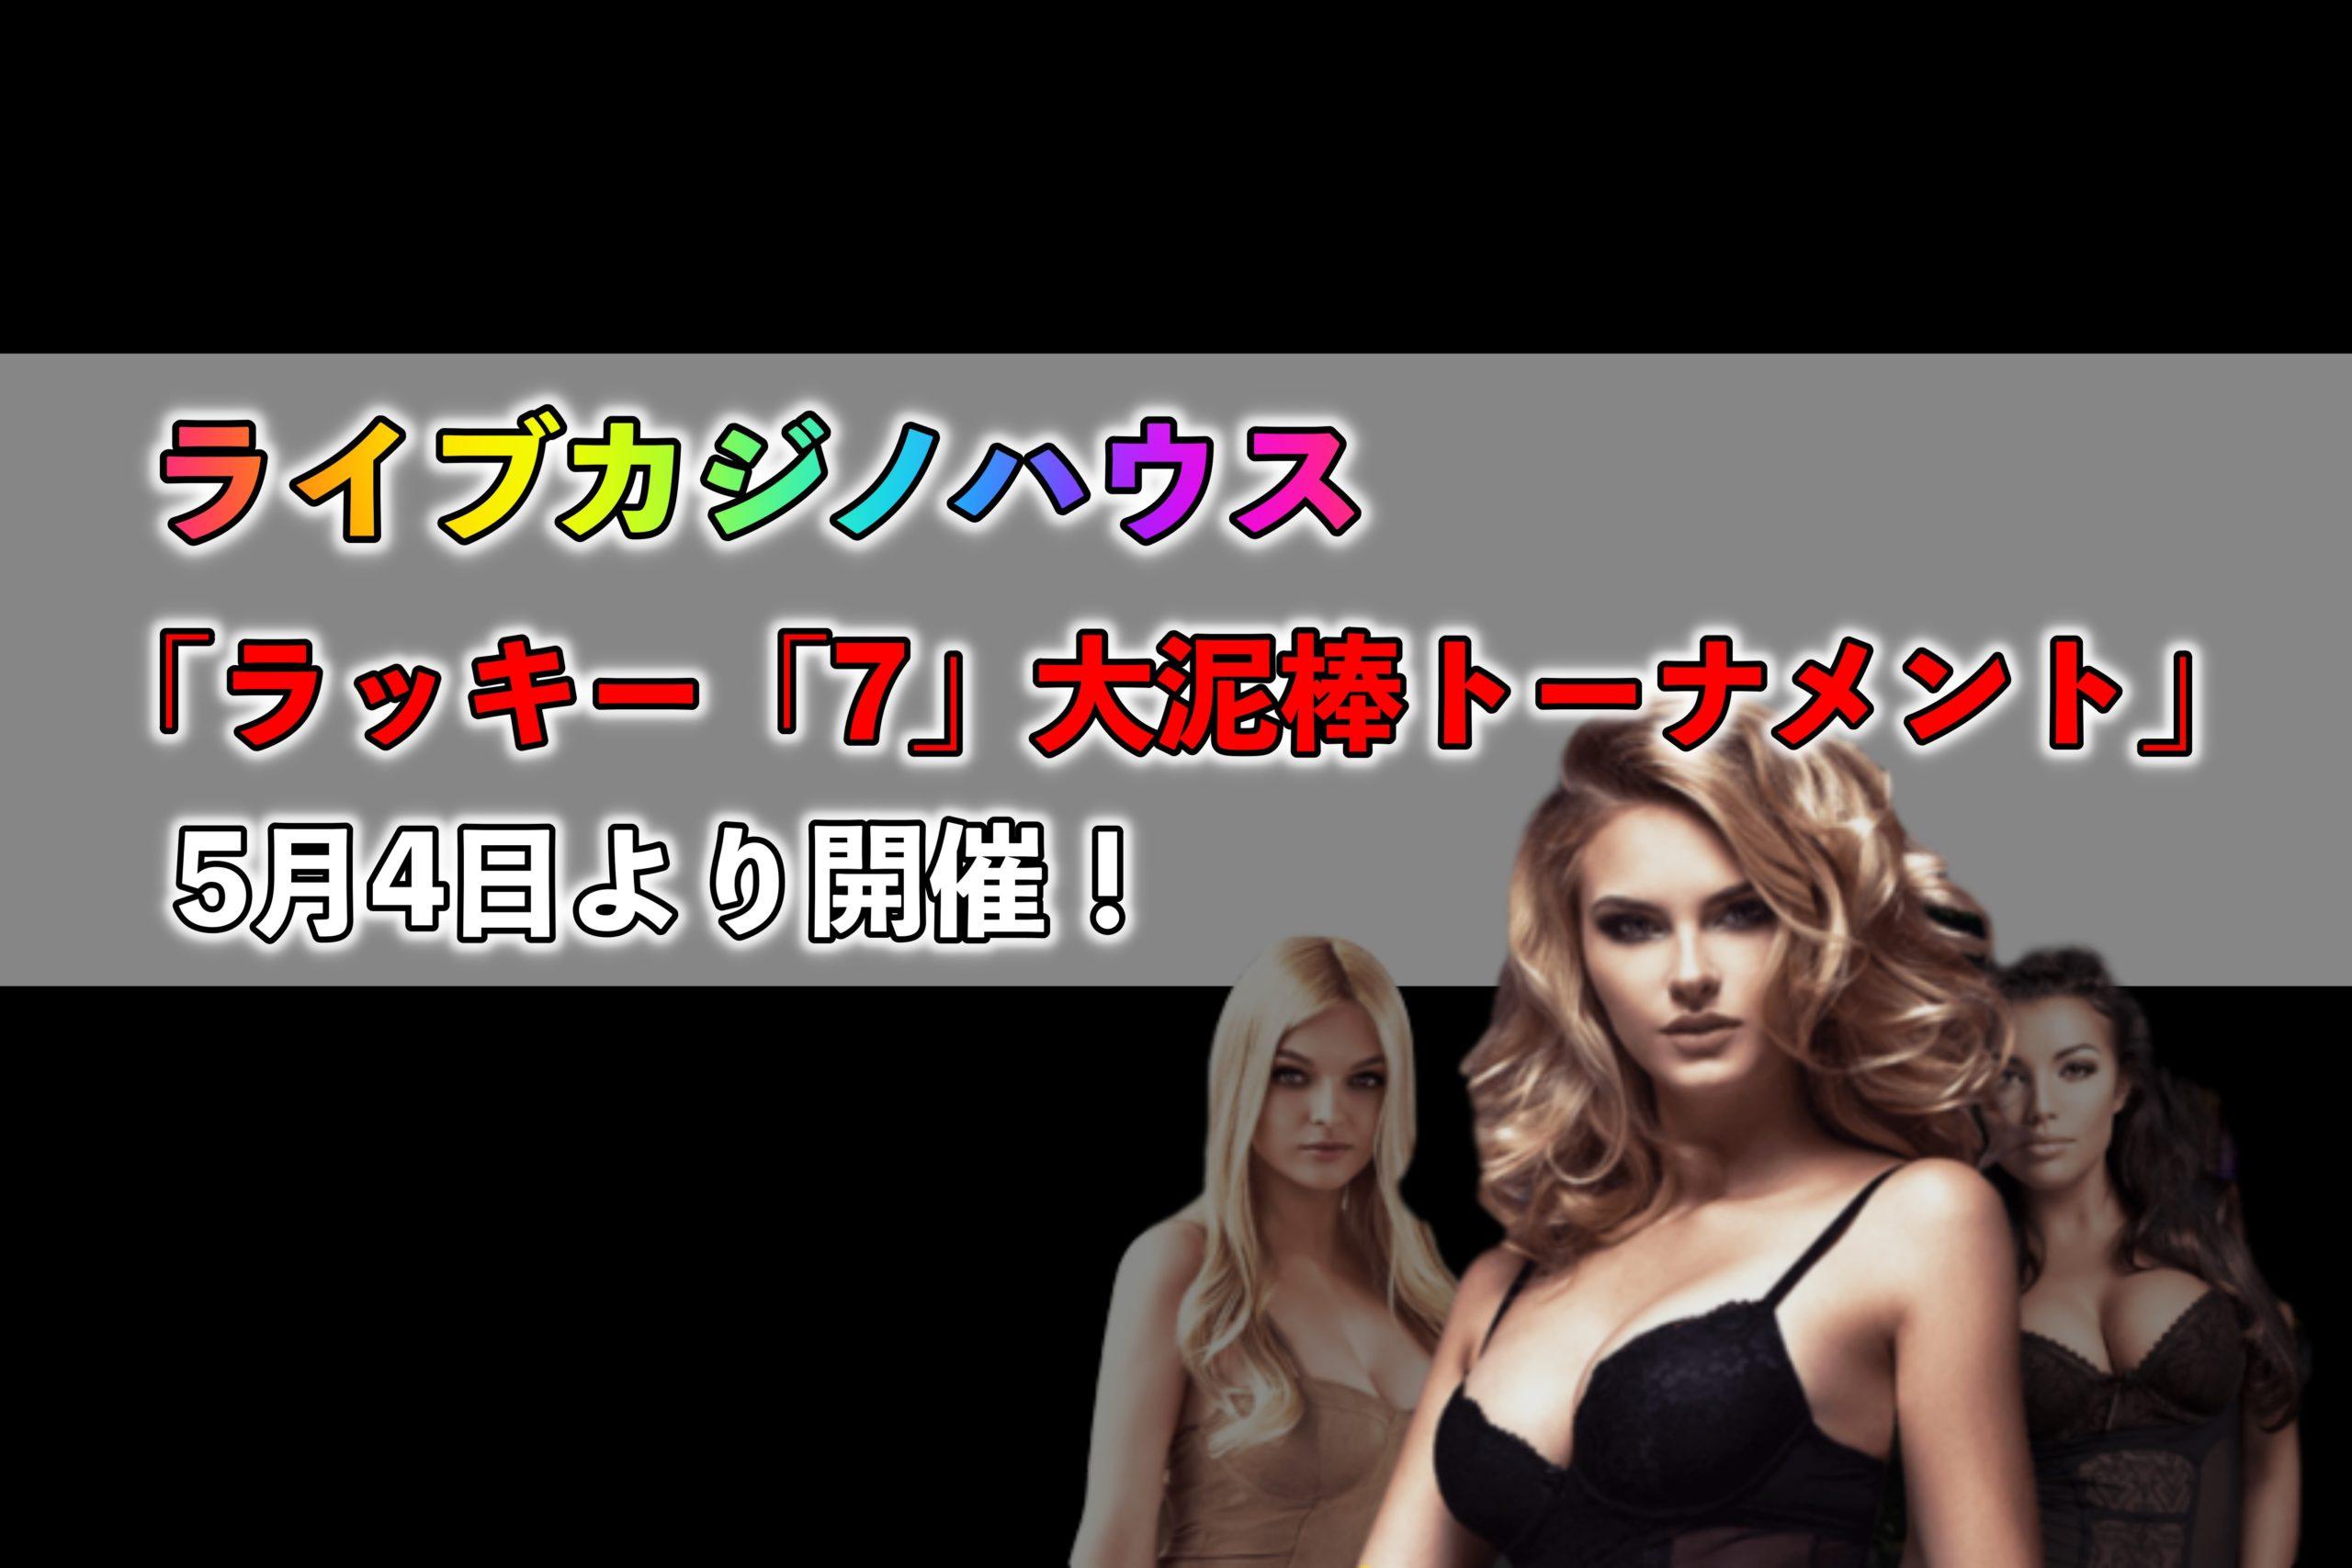 ライブカジノハウスで『ラッキー「7」大泥棒トーナメント』が開催!狙い目は2週目だ!